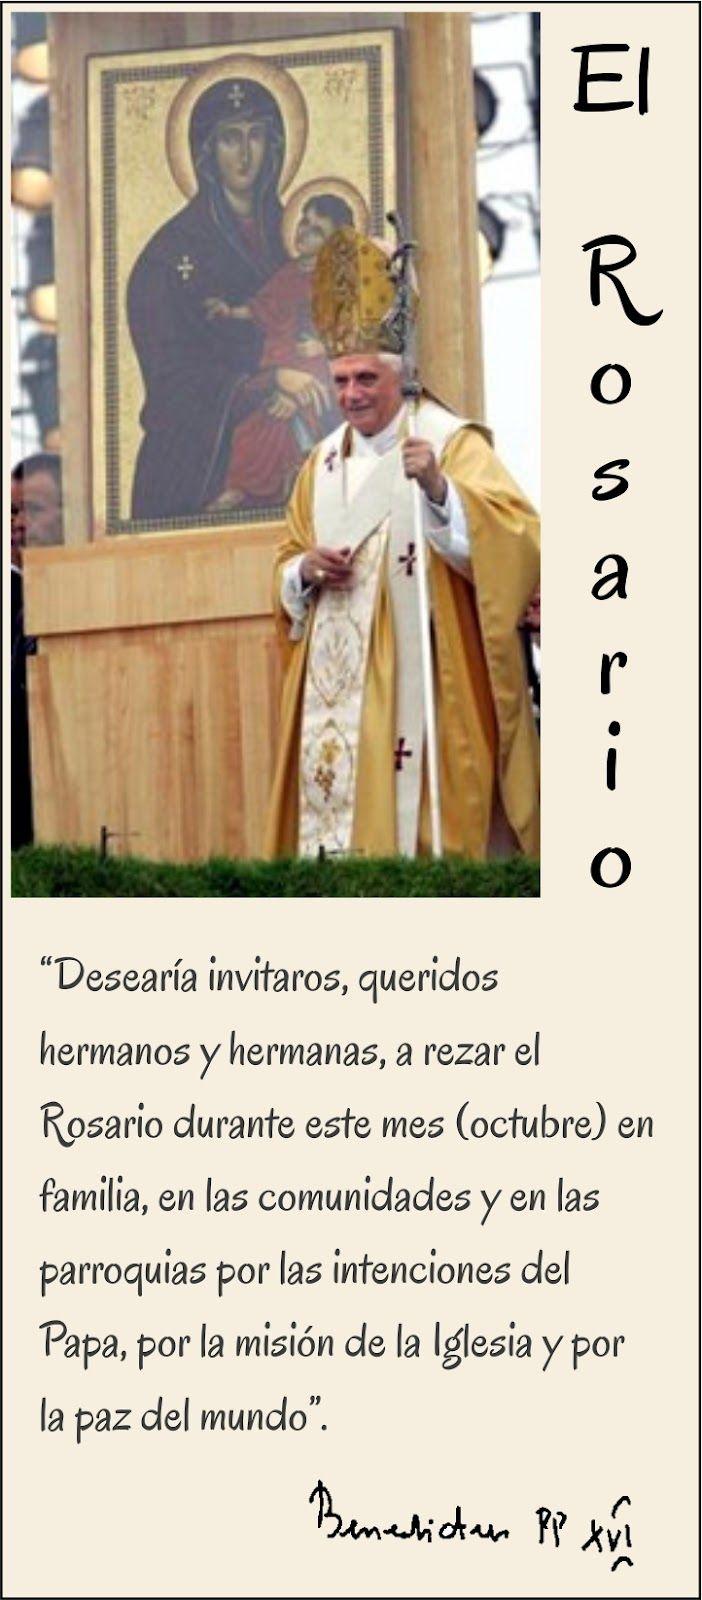 Tarjetas y oraciones catolicas frases del rosario benedicto xvi tarjetas y oraciones catolicas frases del rosario benedicto xvi altavistaventures Choice Image